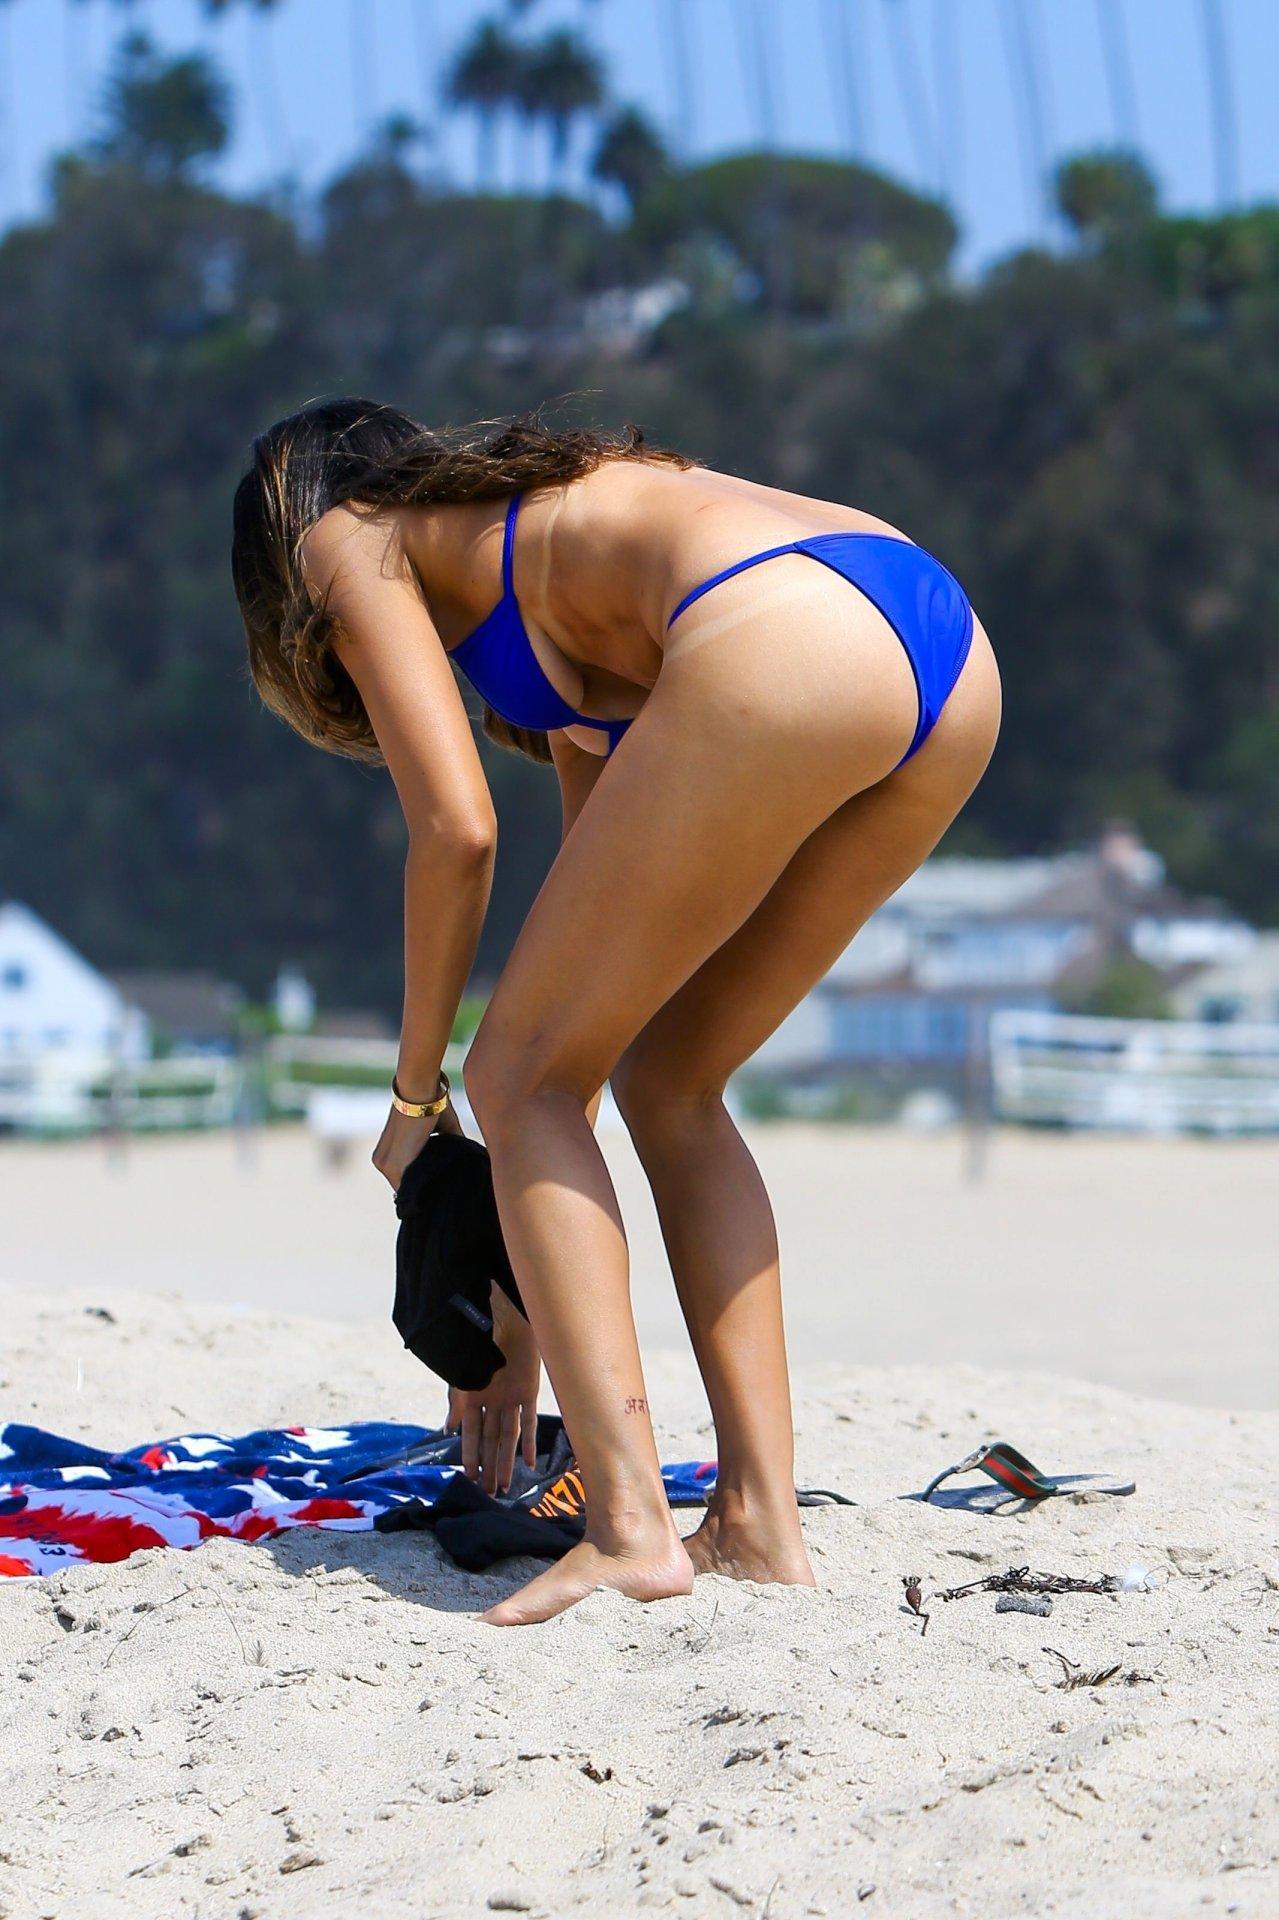 kardashian naked